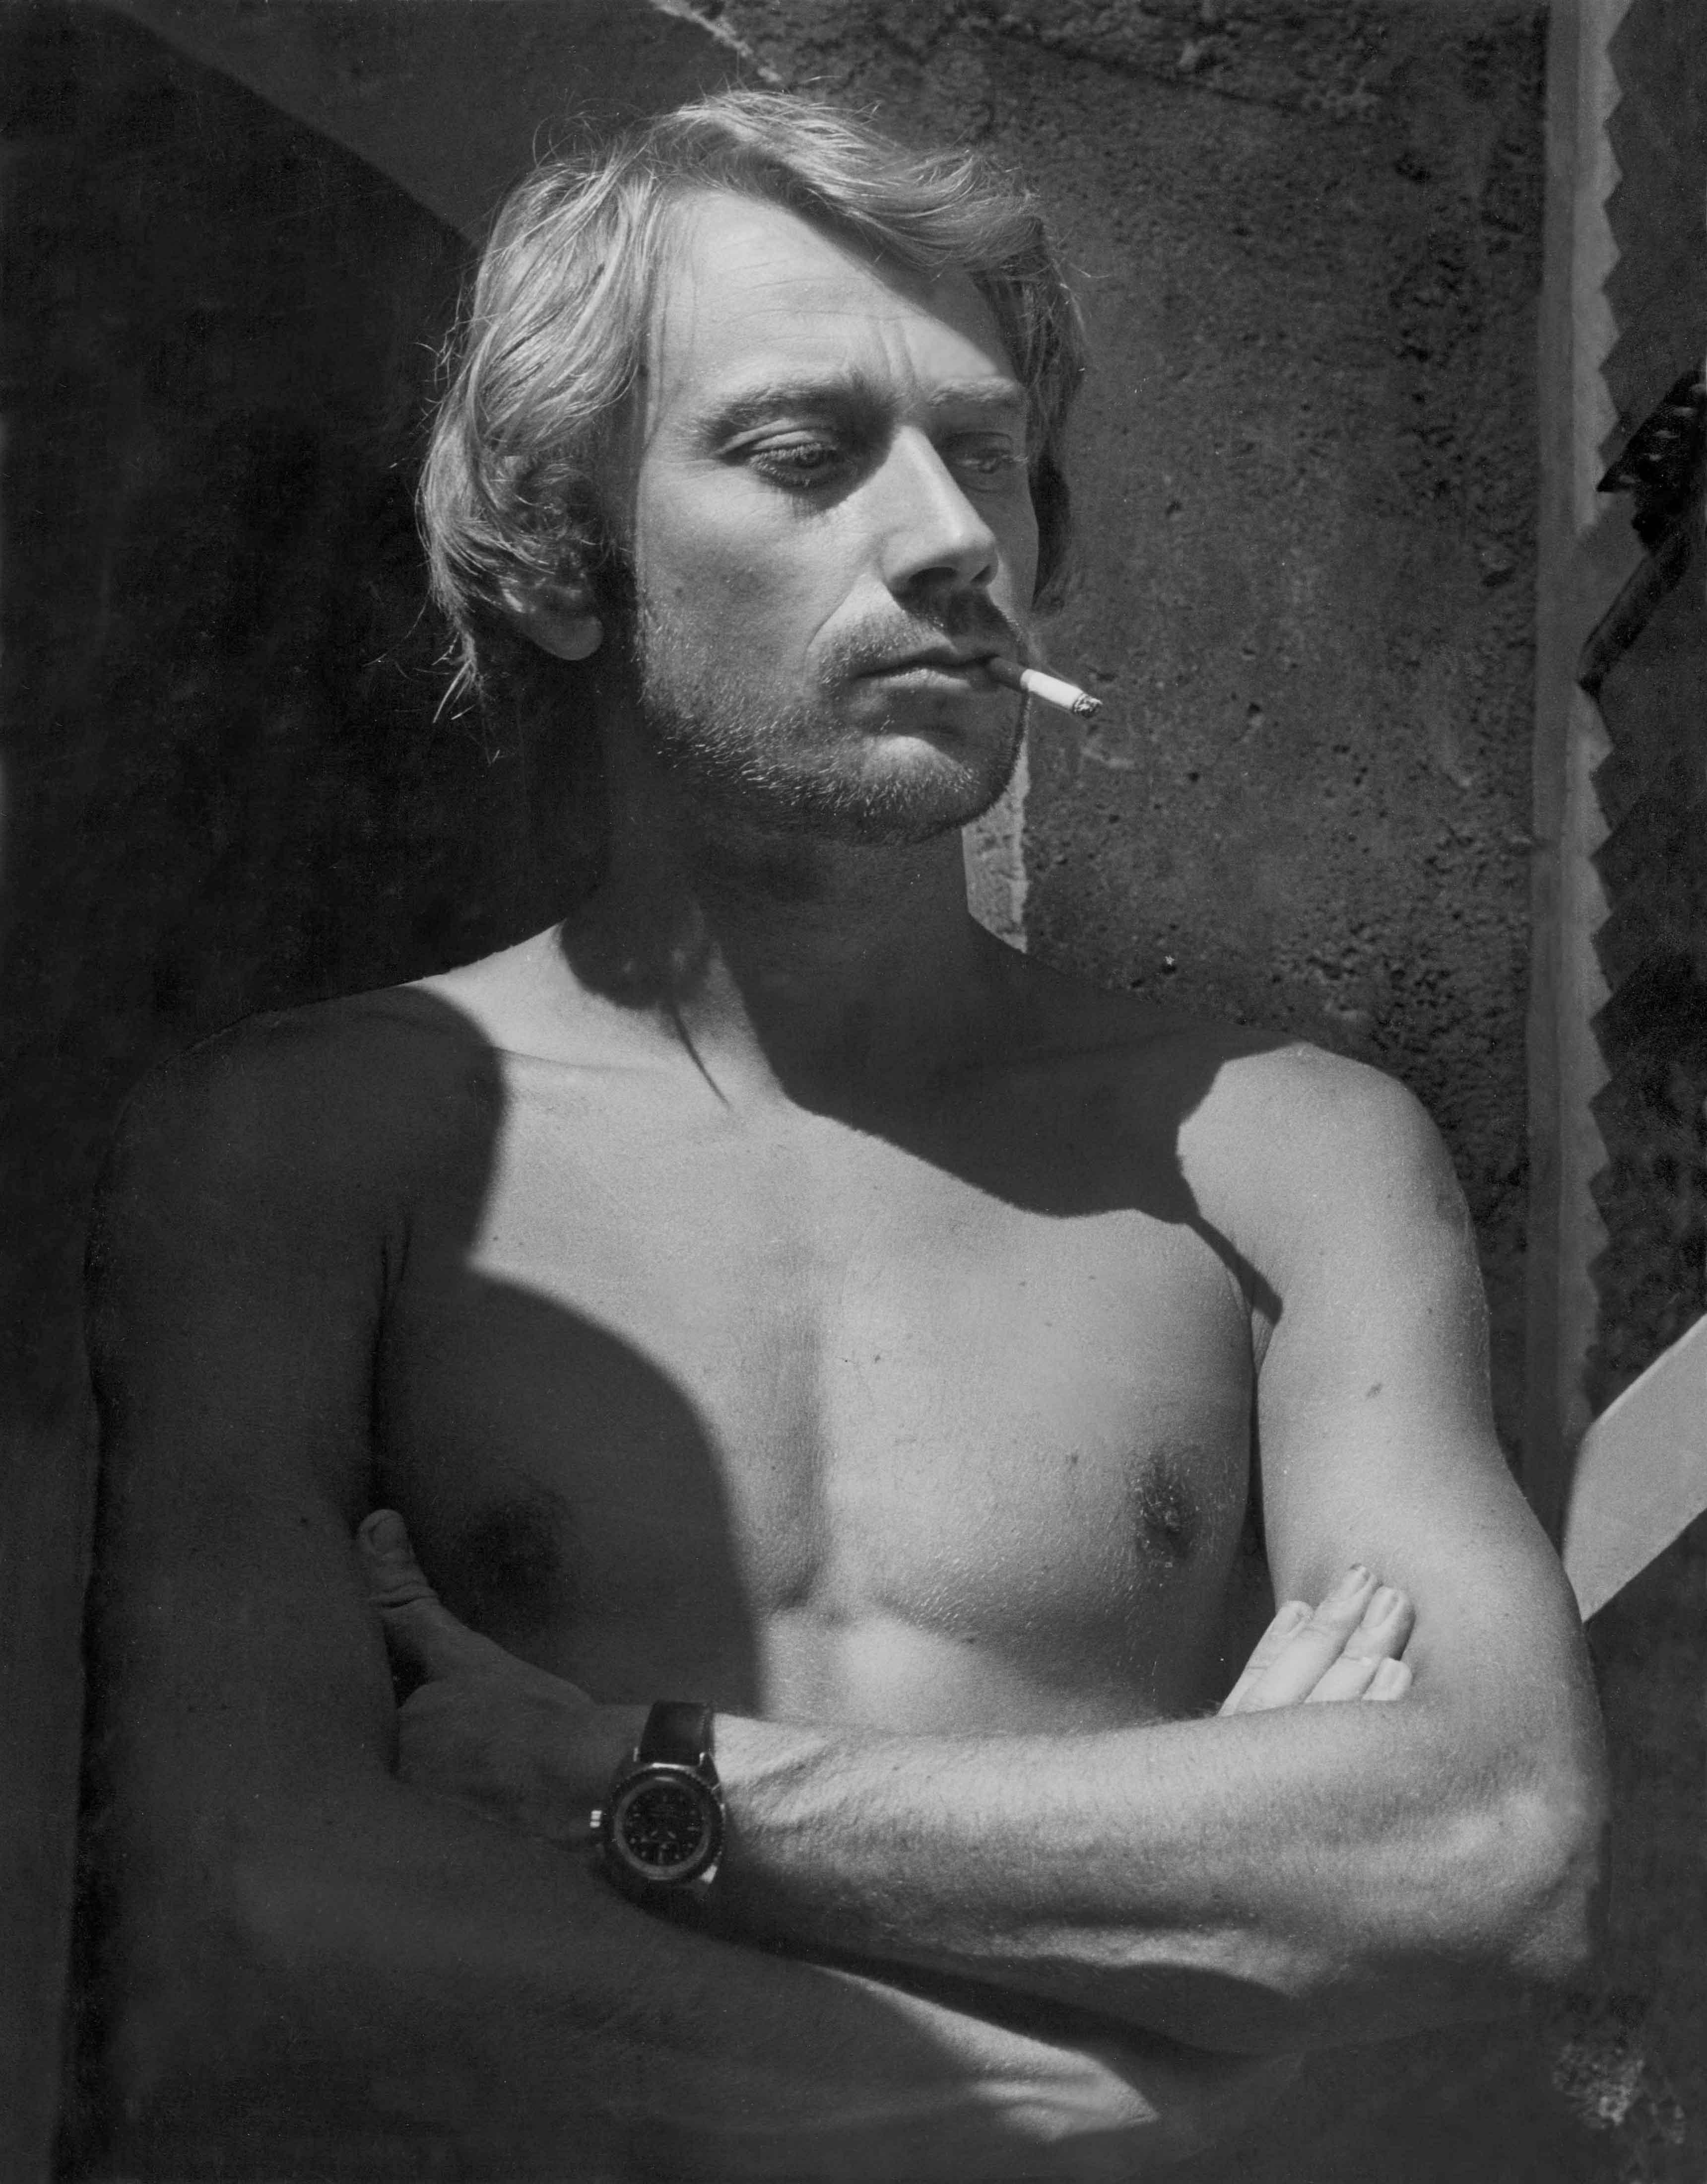 François de Roubaix, 1969 ©Collection de Roubaix